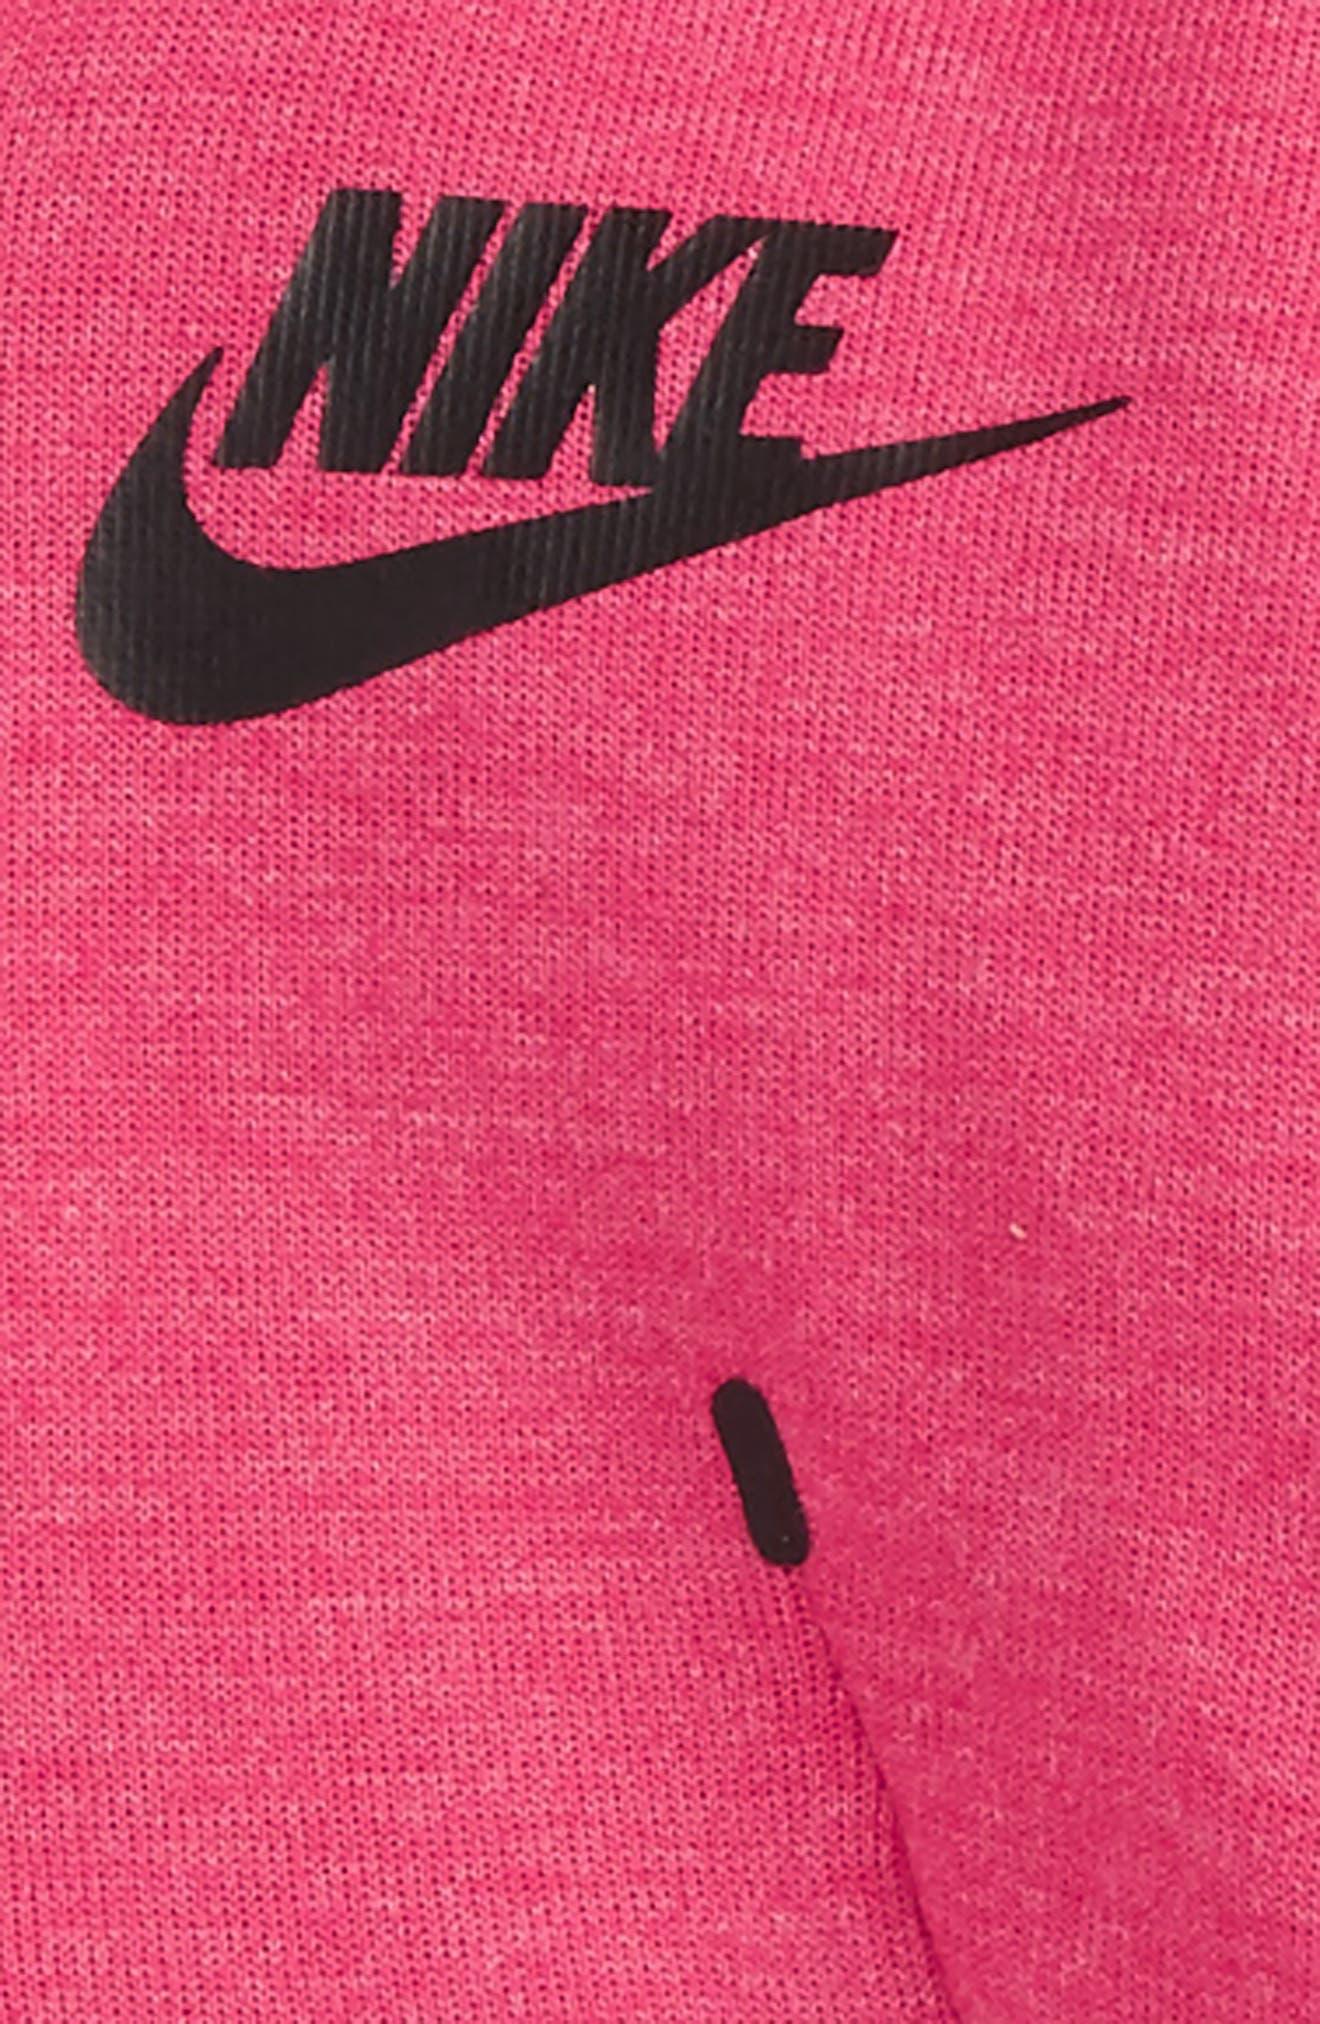 Alternate Image 2  - Nike Tech Fleece Hooded Romper (Baby Girls)